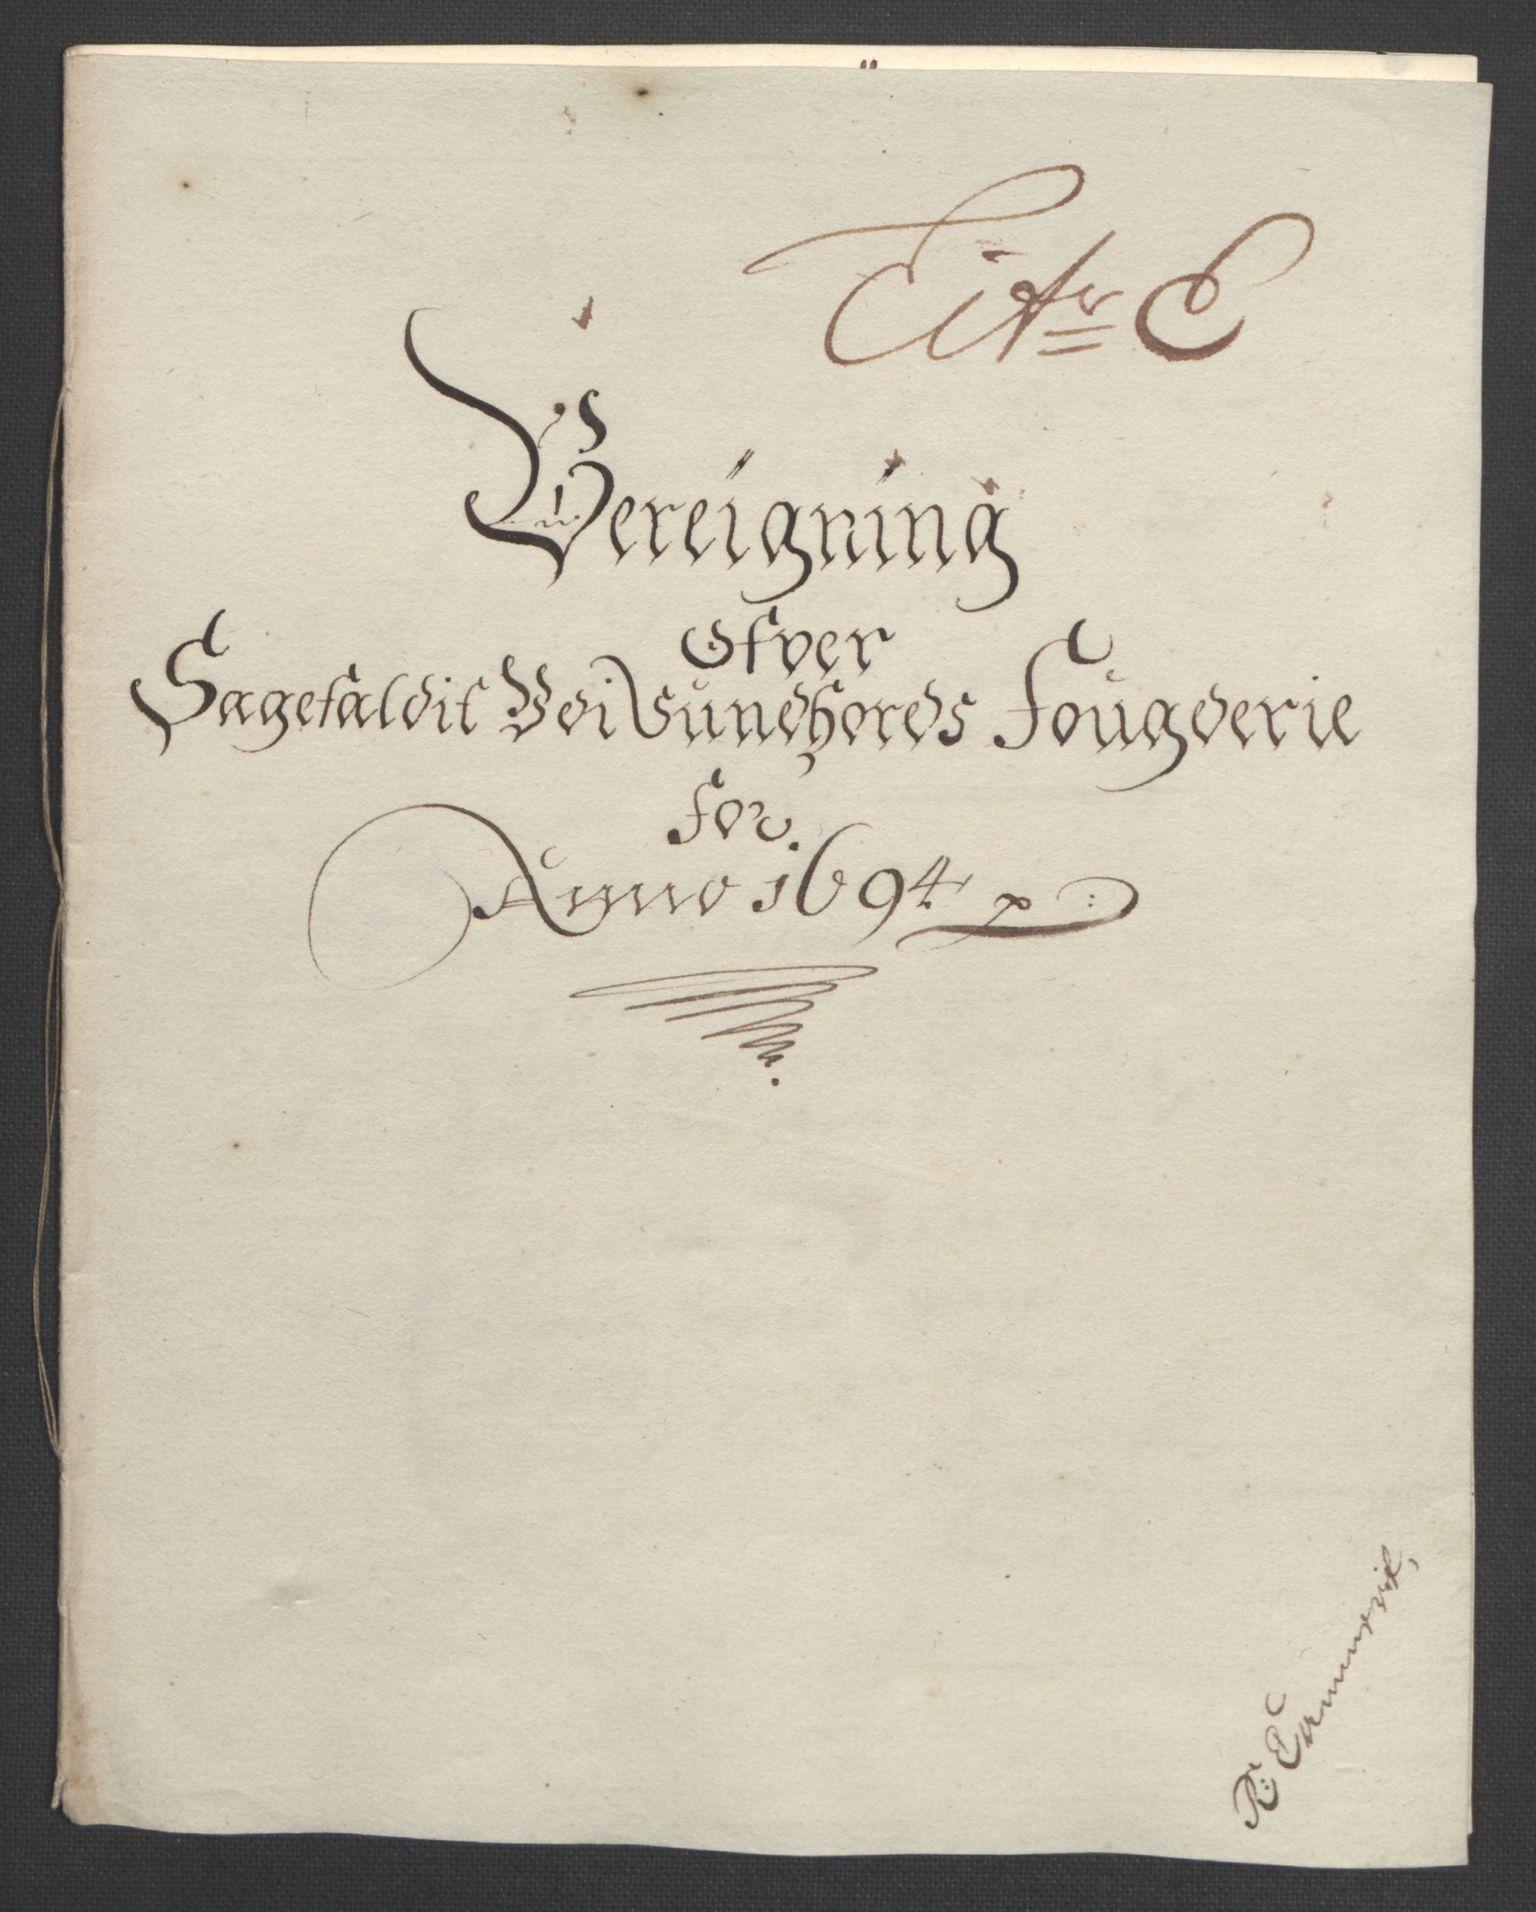 RA, Rentekammeret inntil 1814, Reviderte regnskaper, Fogderegnskap, R48/L2975: Fogderegnskap Sunnhordland og Hardanger, 1694, s. 91